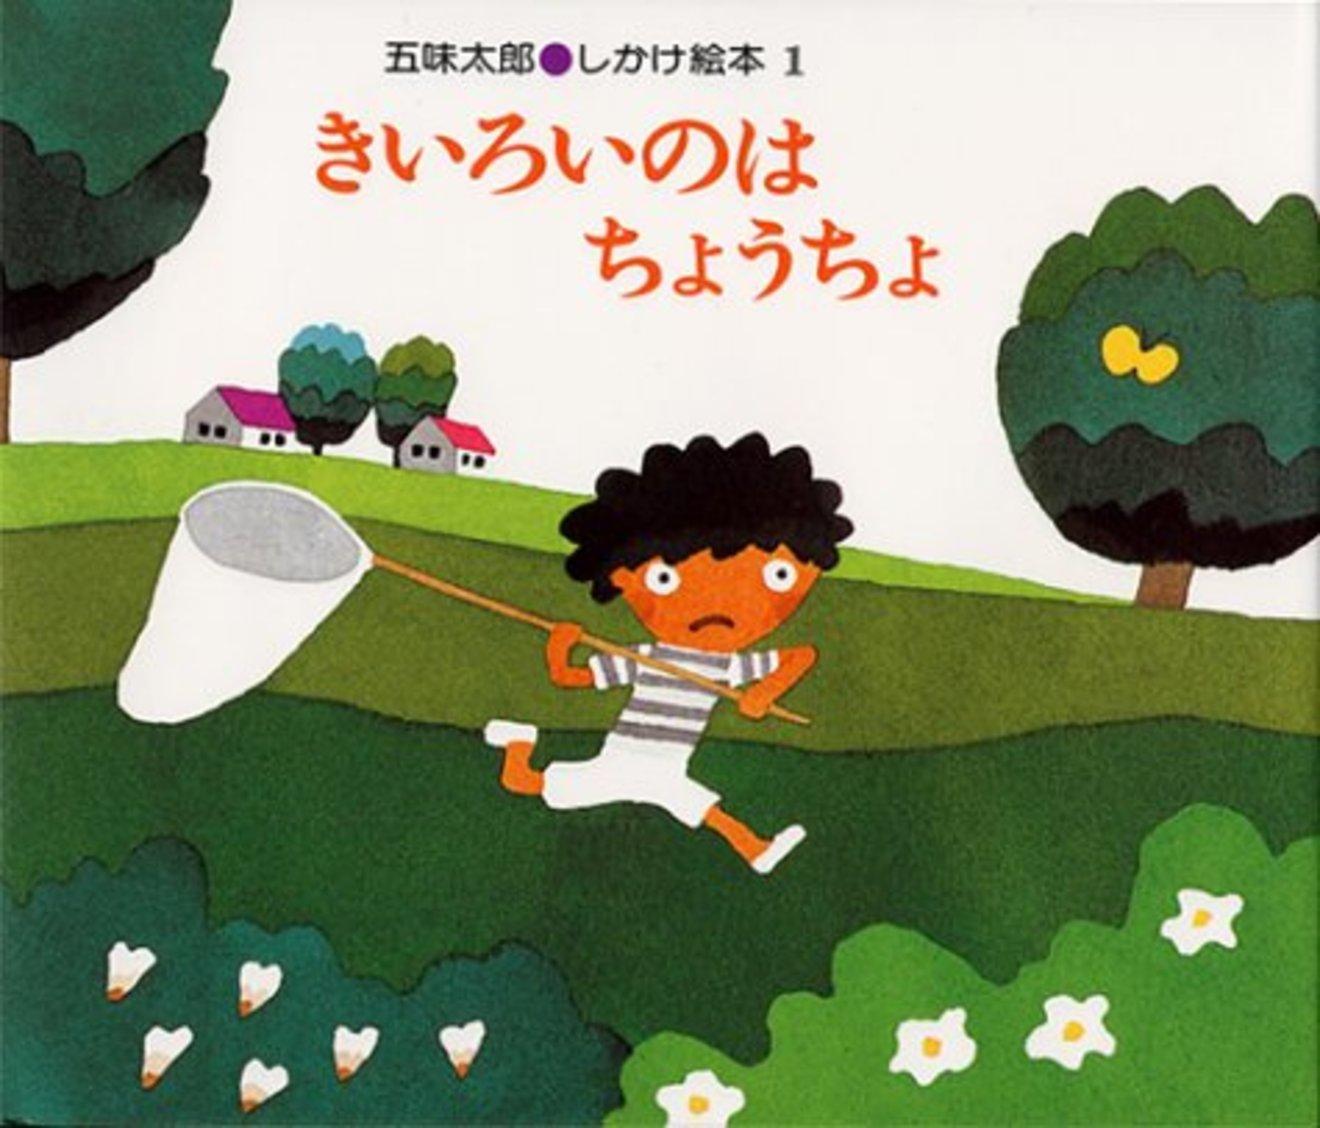 五味太郎の魅力的な絵本12選!小さい子から大人まで楽しめる!